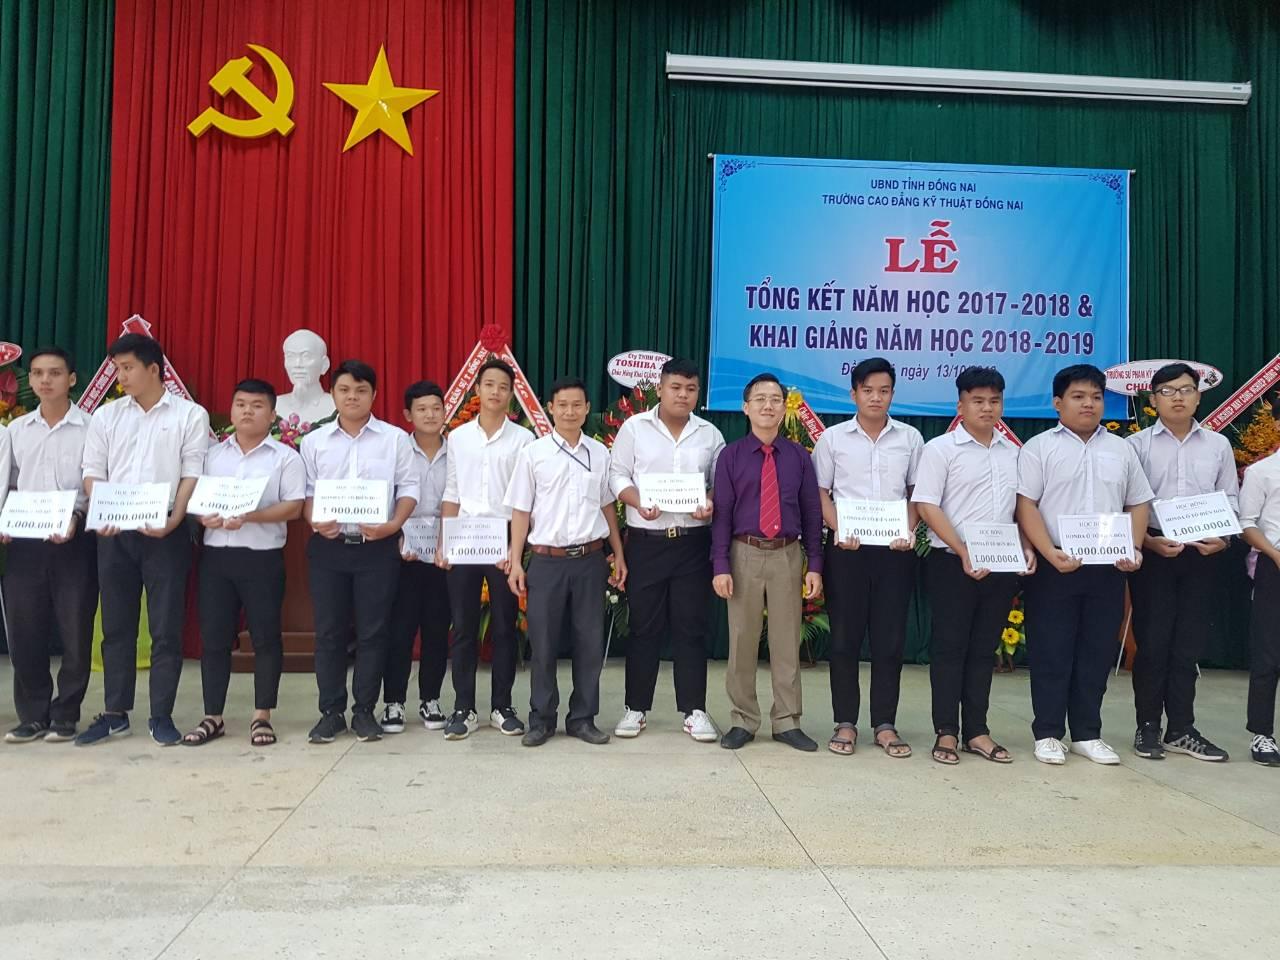 Honda Ô tô Biên Hòa trao quà khuyến học cho sinh viên trường CĐKT Đồng Nai.